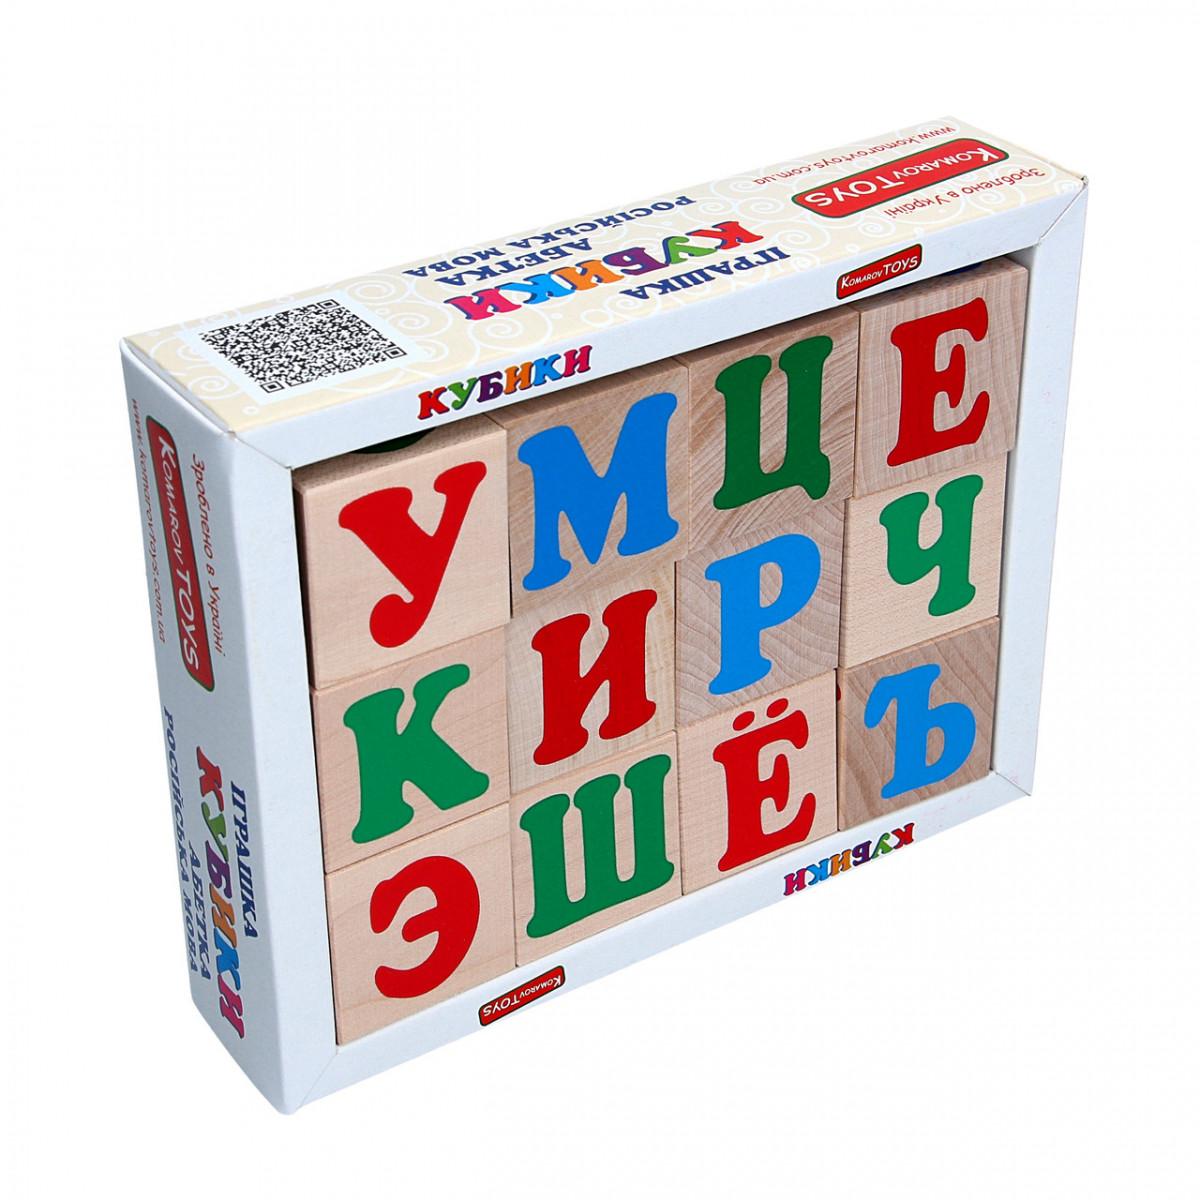 Развивающие деревянные кубики азбука Русский алфавит, Komarovtoys (Т 602)